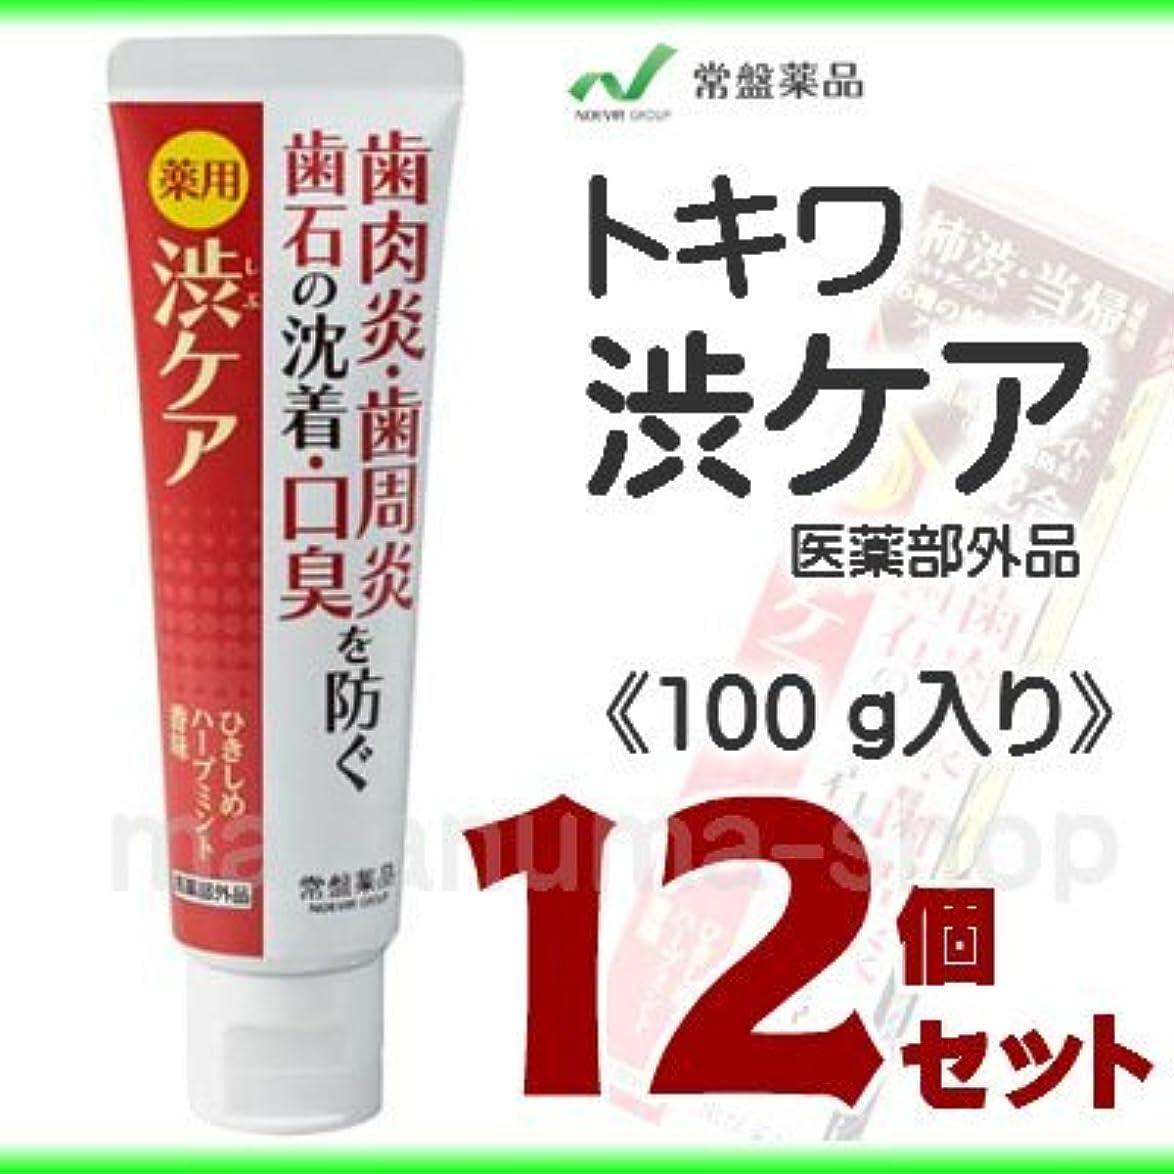 基本的な補体後トキワ 薬用渋ケア (100g) 12個セット